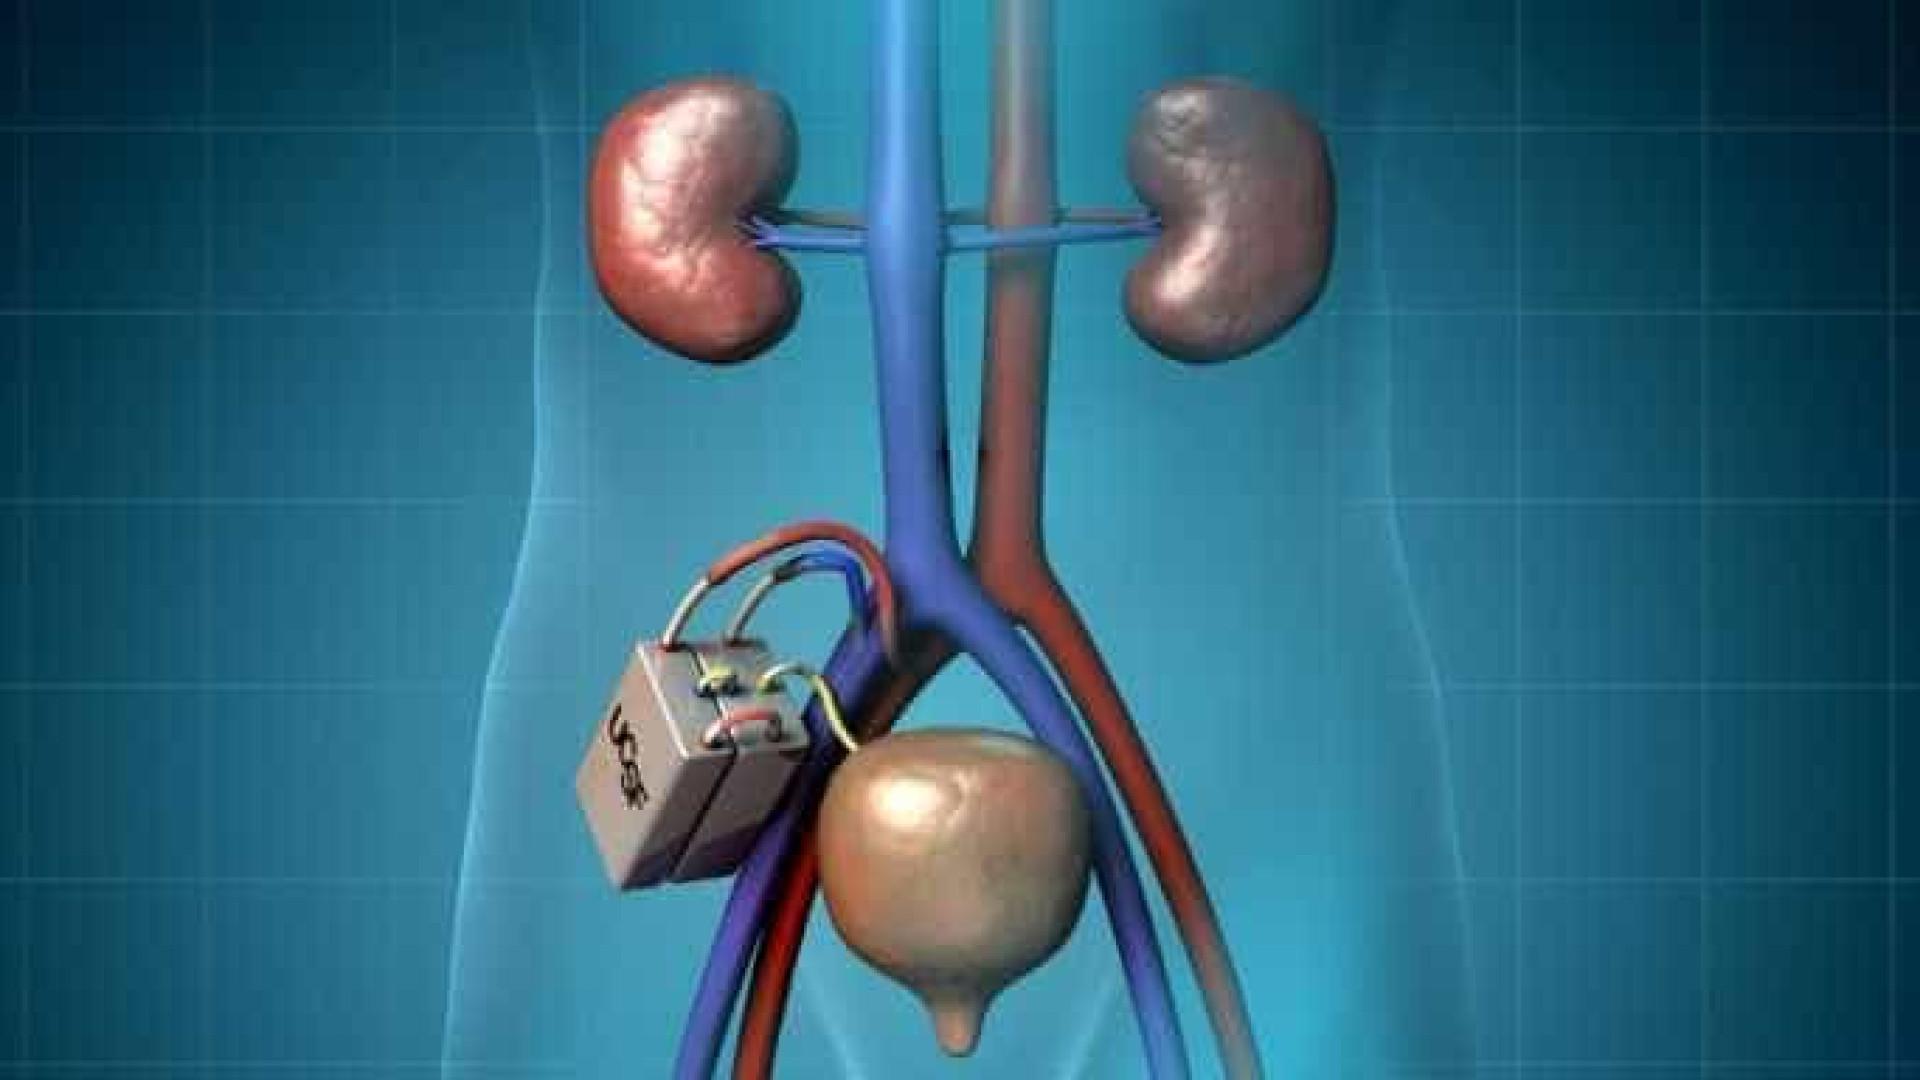 Transplante do primeiro rim artificial será em 2017